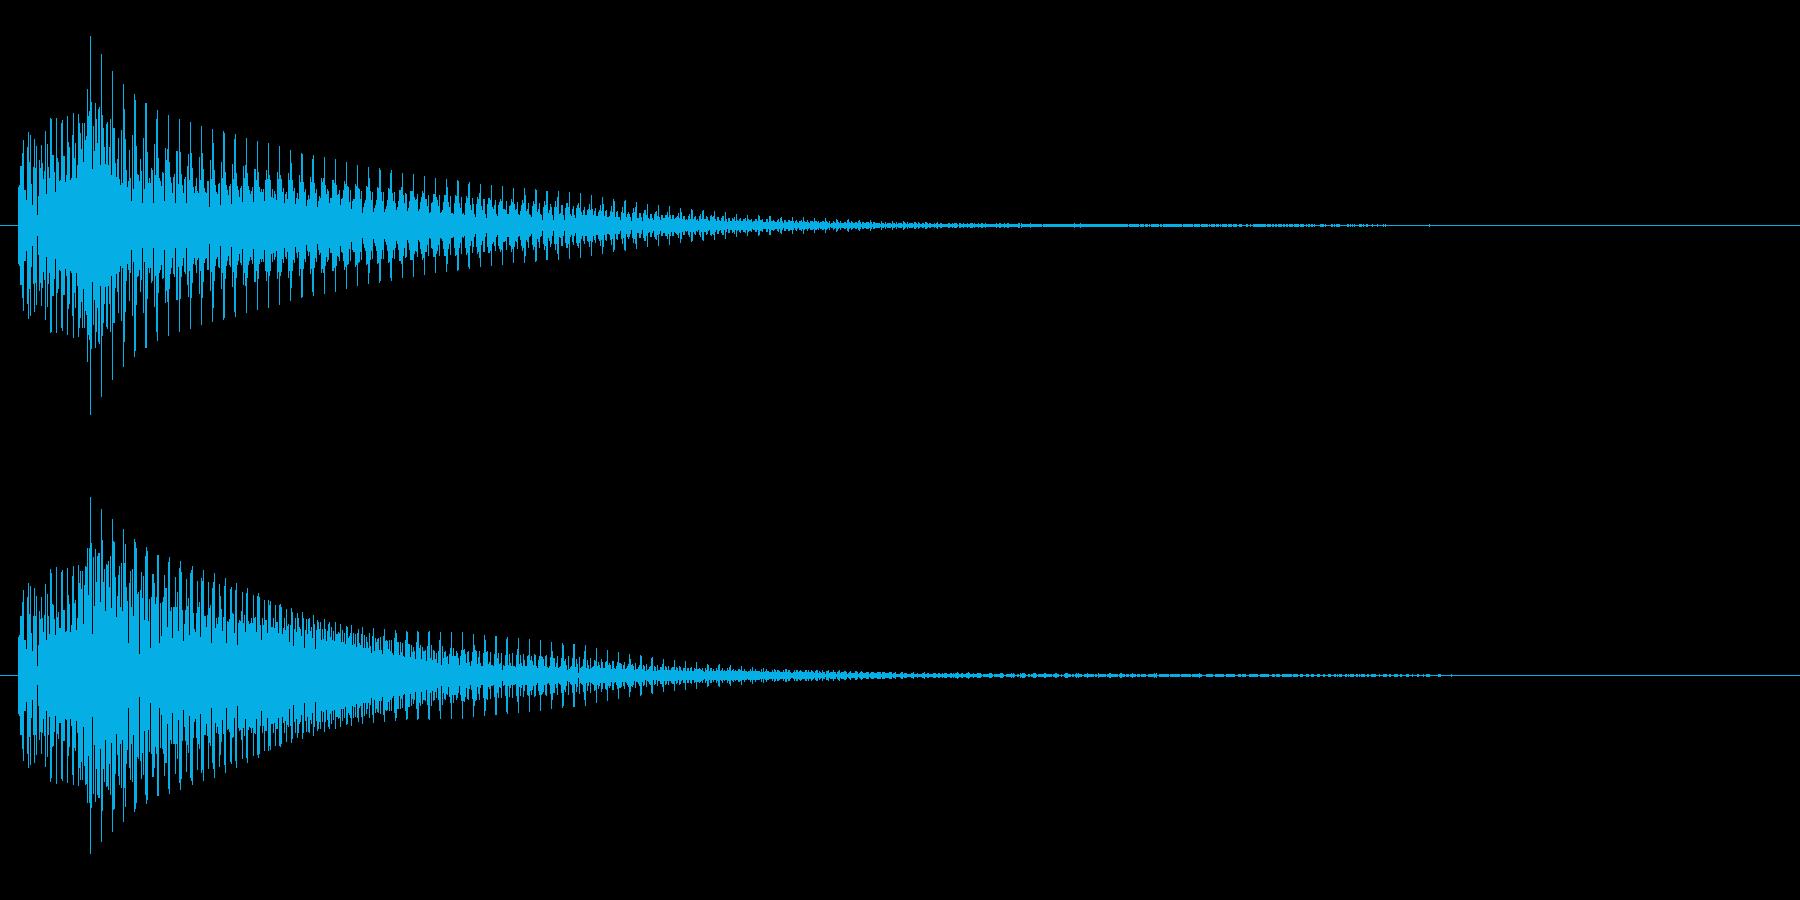 シンセサイザーの通知音 ピコンの再生済みの波形